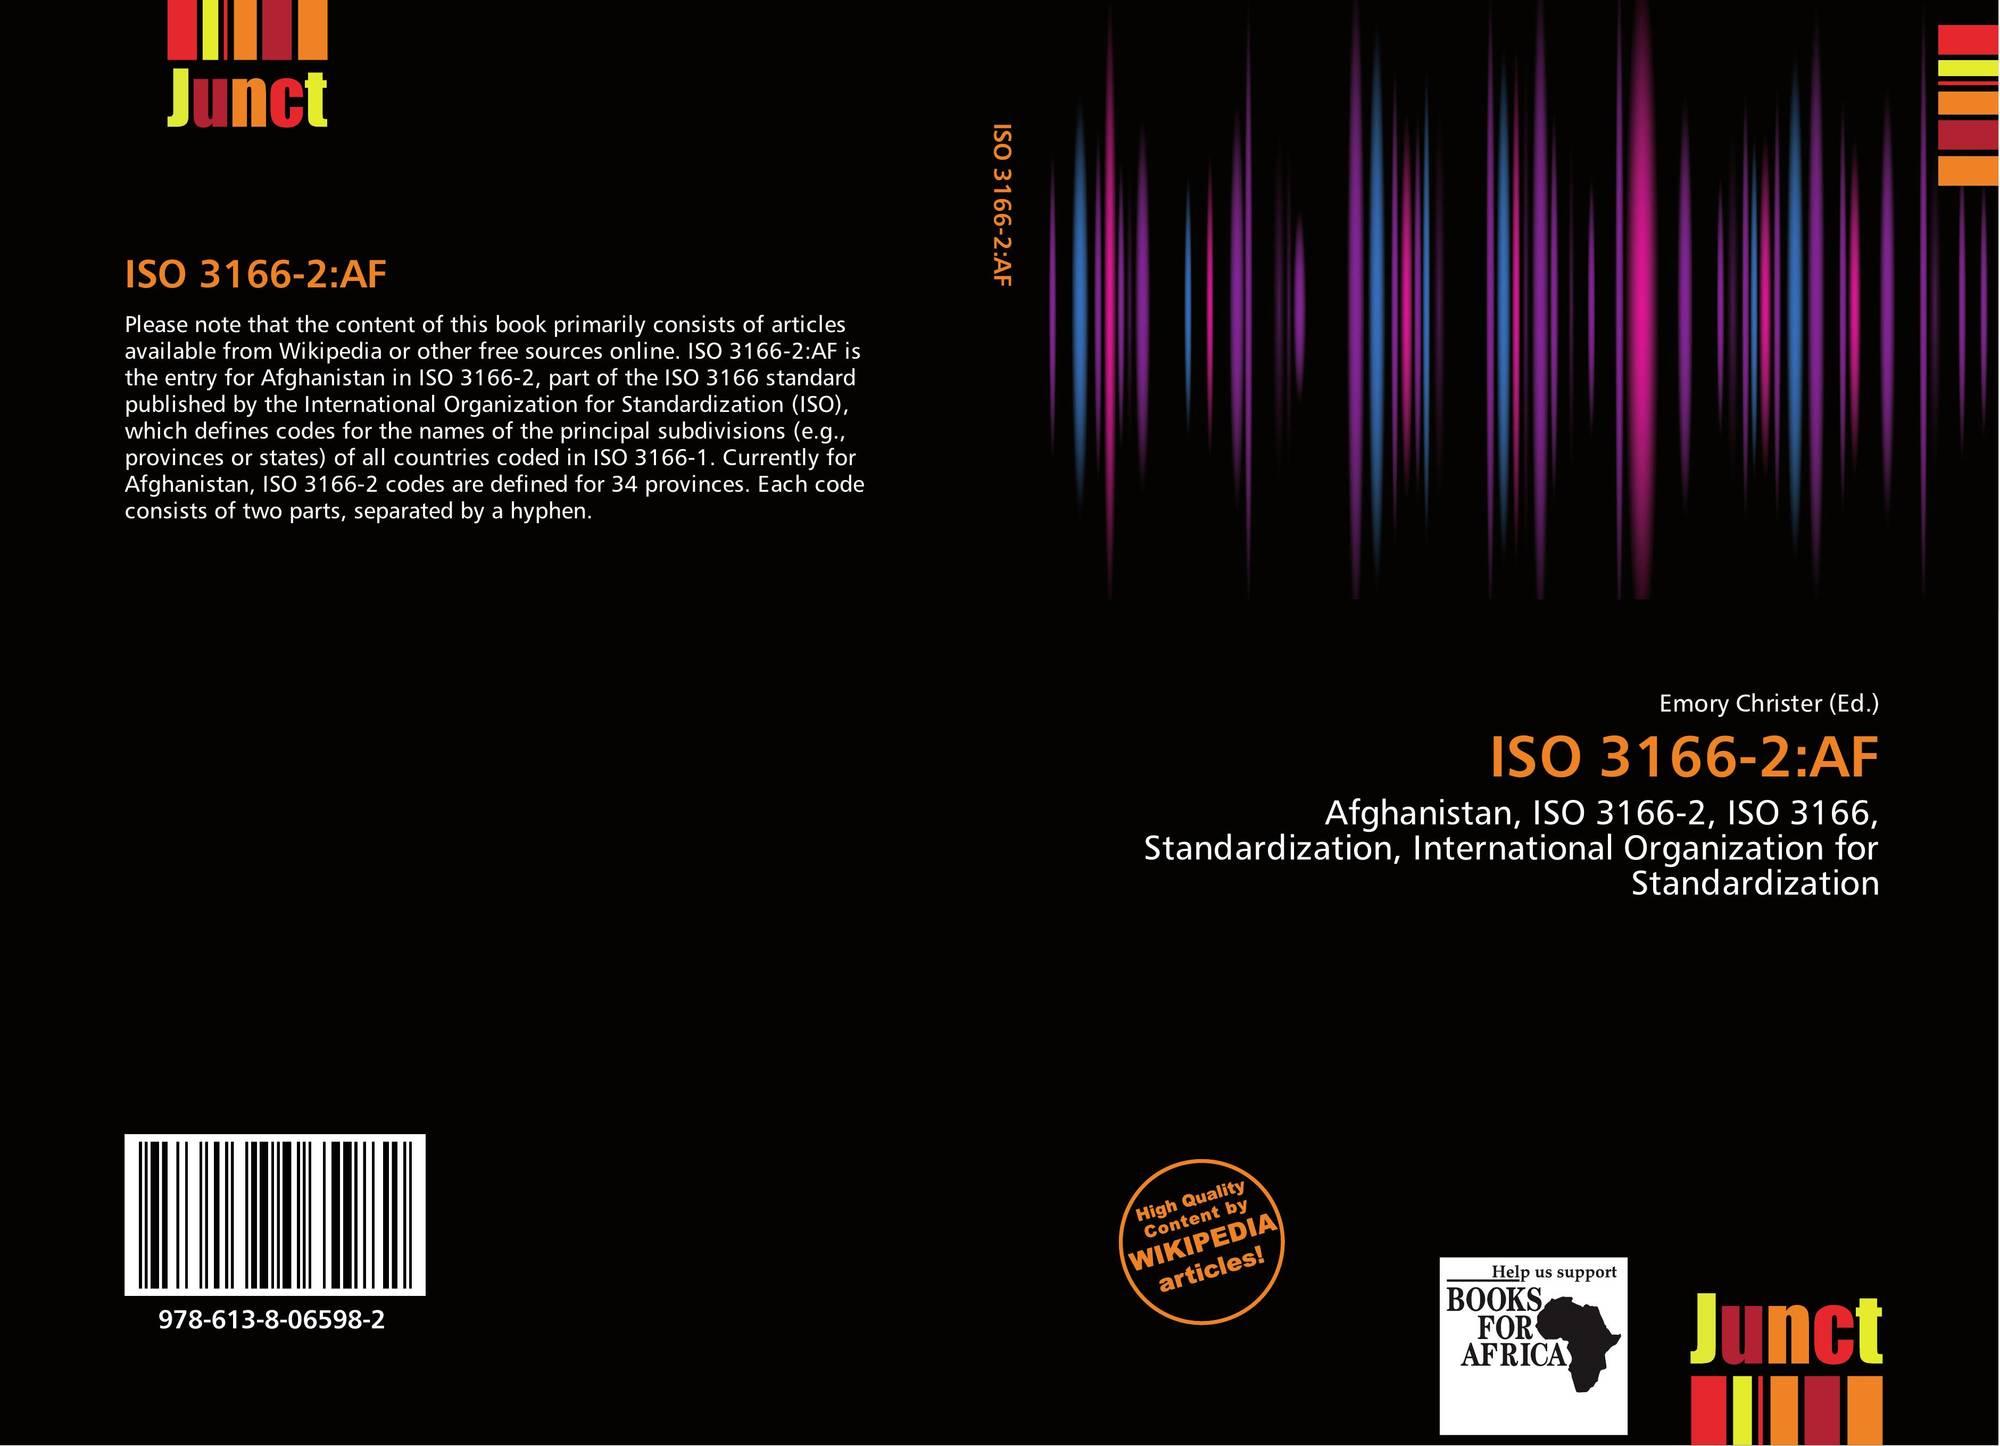 ISO 3166-2:AF